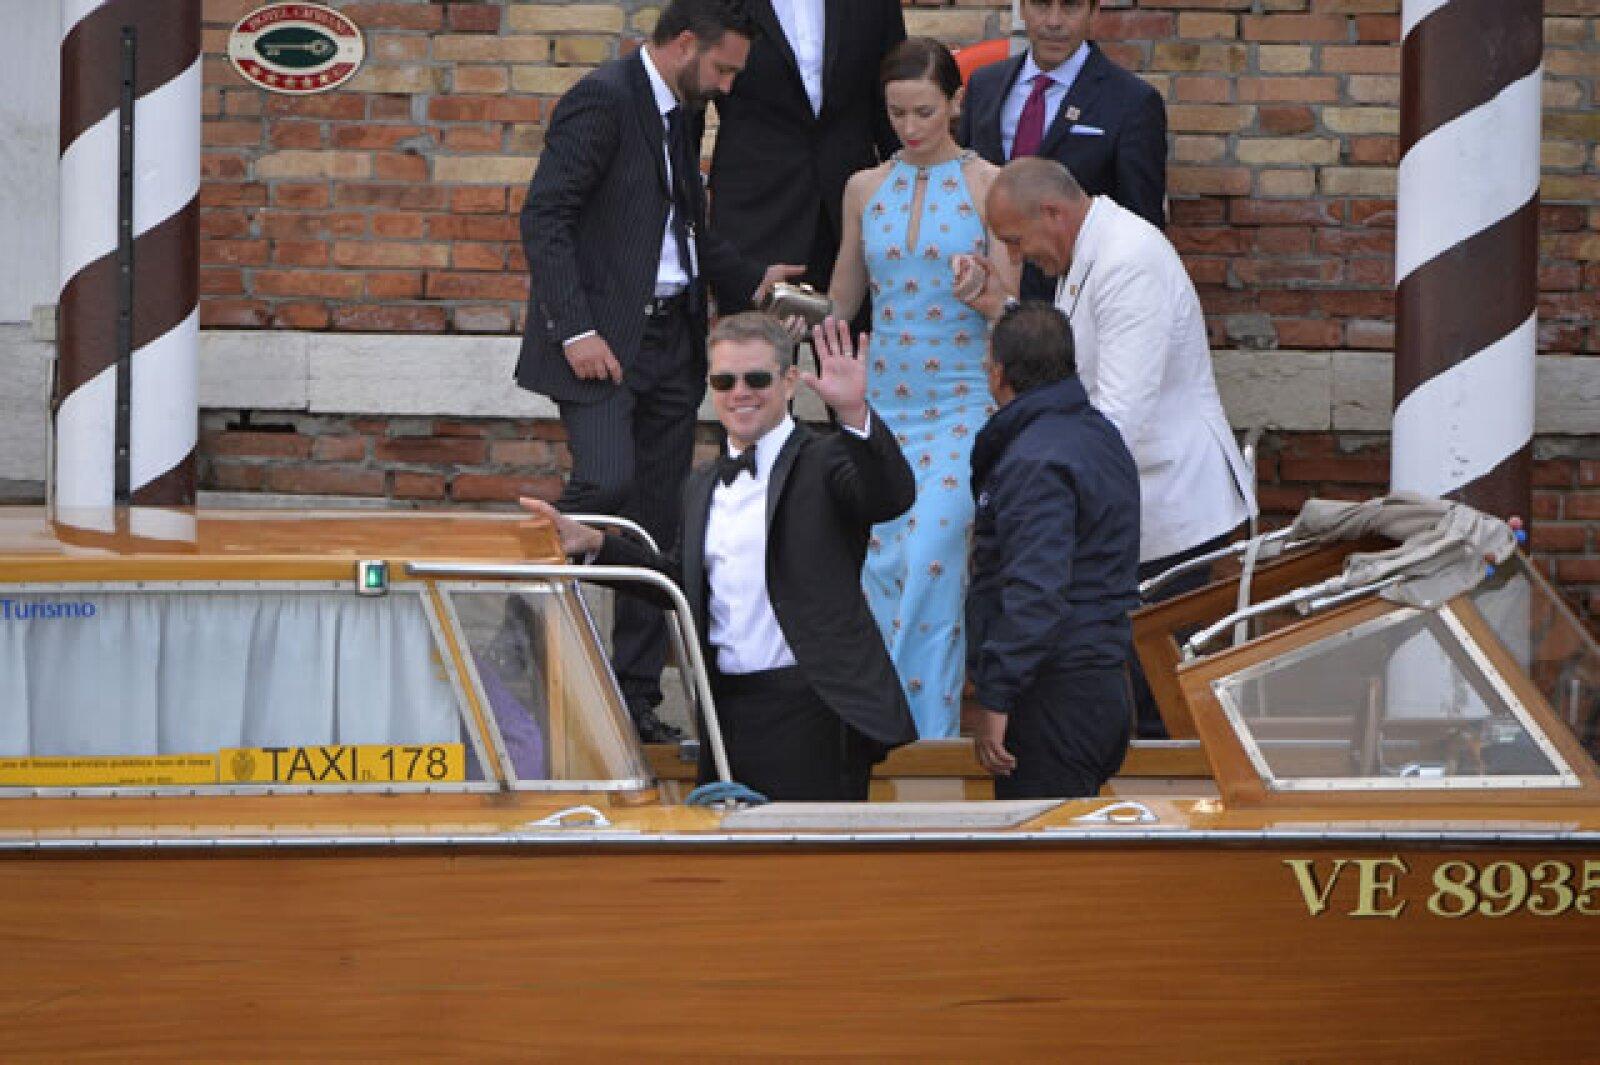 Llegó acompañado de su esposa Luciana Barroso. Detrás de él, la guapa Emily Blunt abordaba la lancha.